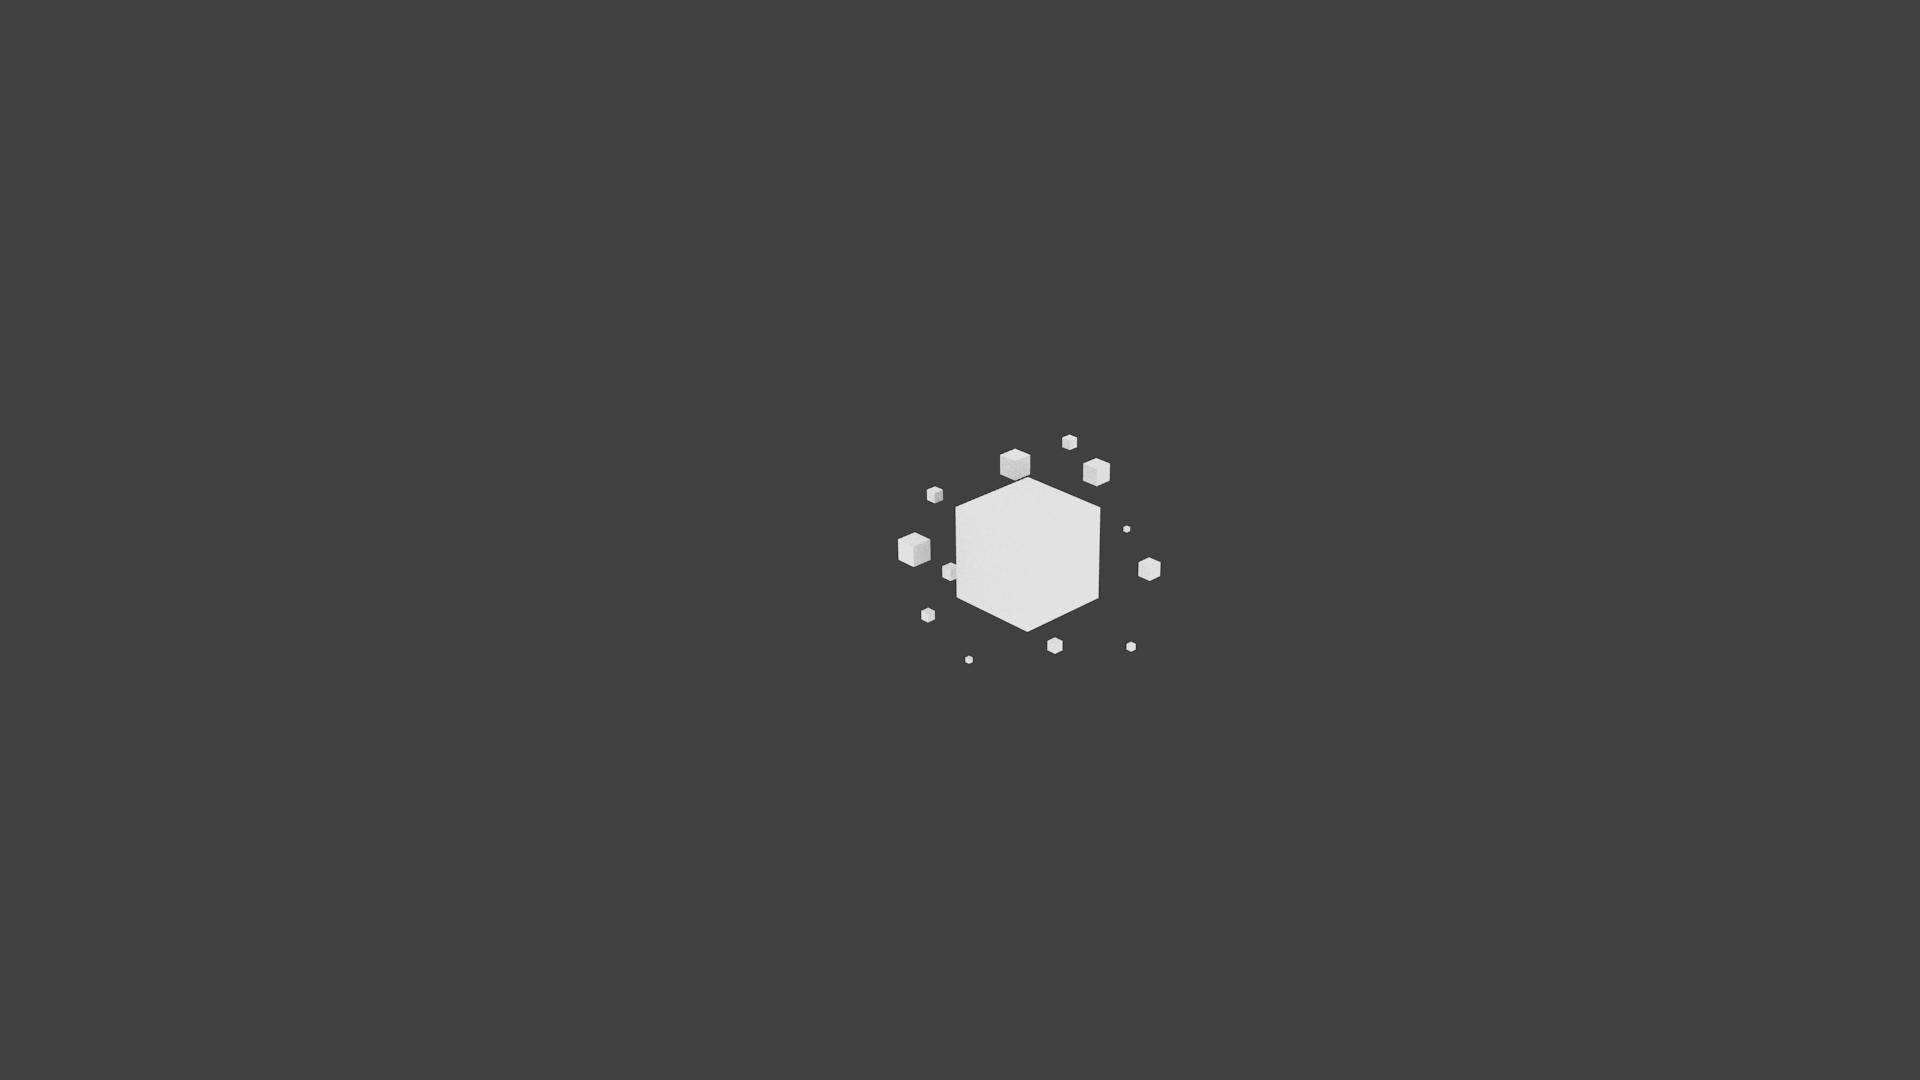 デスクトップ壁紙 ミニマリズム 立方体 単純な背景 3d 19x1080 Urbiy デスクトップ壁紙 Wallhere